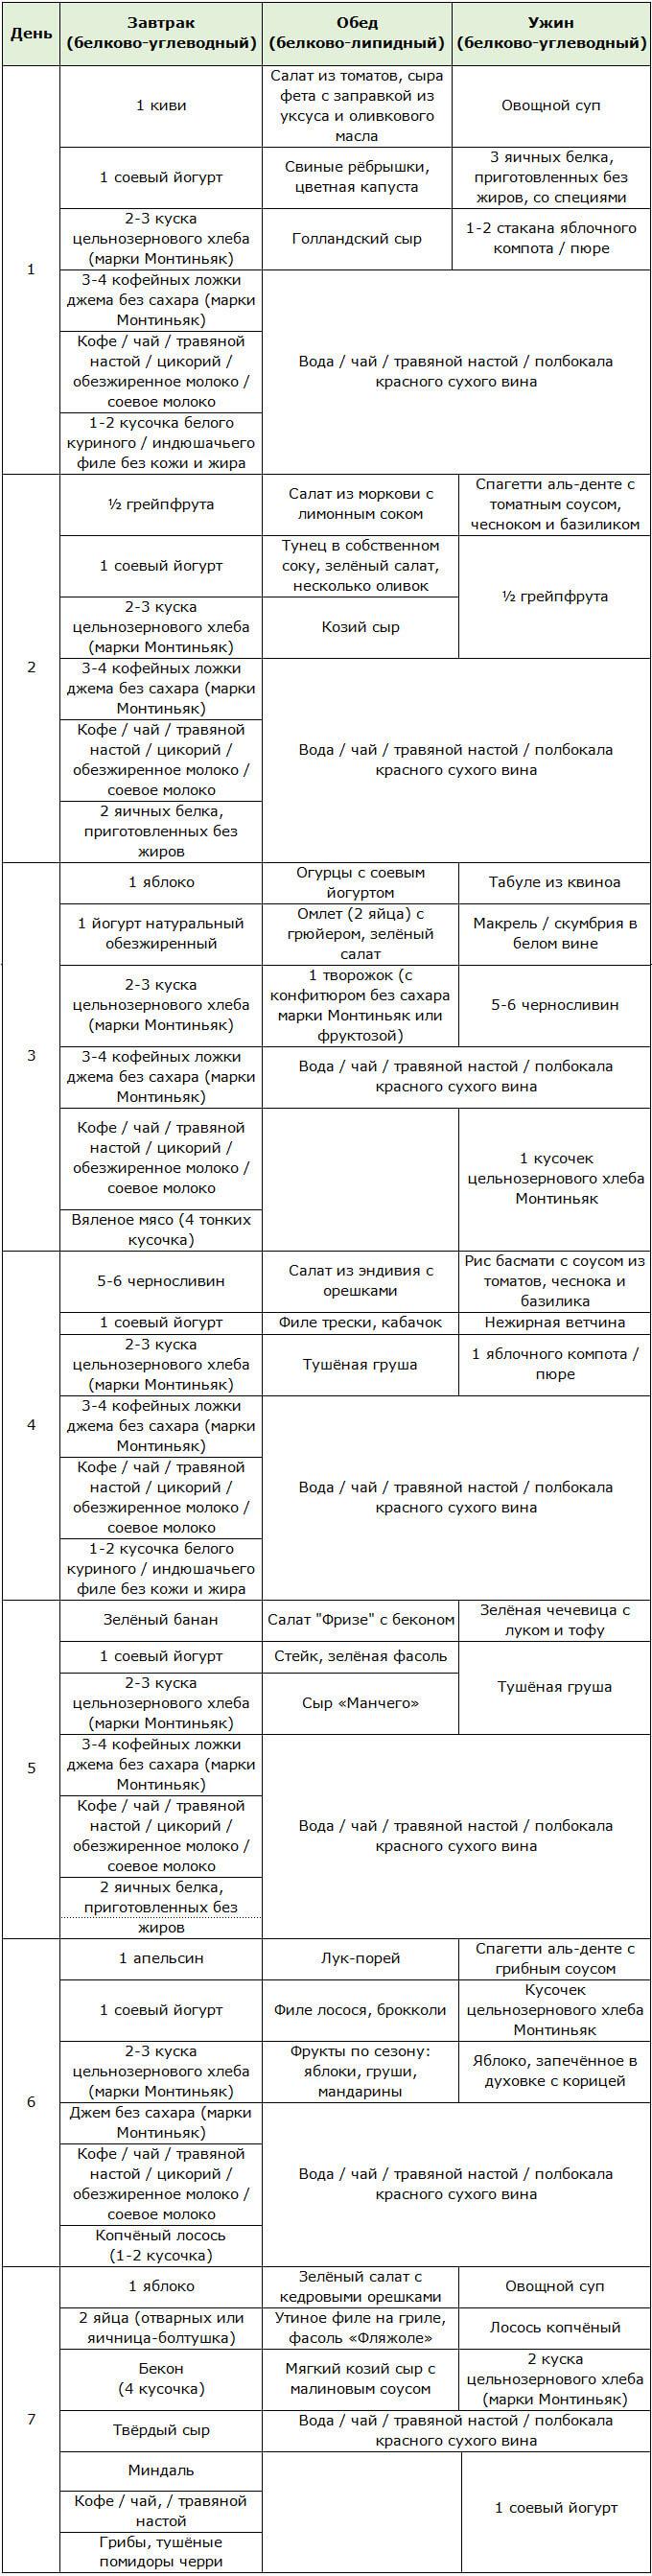 Диета Монтиньяка Меню На Первый Этап. Монтиньяк – система питания: меню по дням для каждой фазы, рецепты, список продуктов, результаты